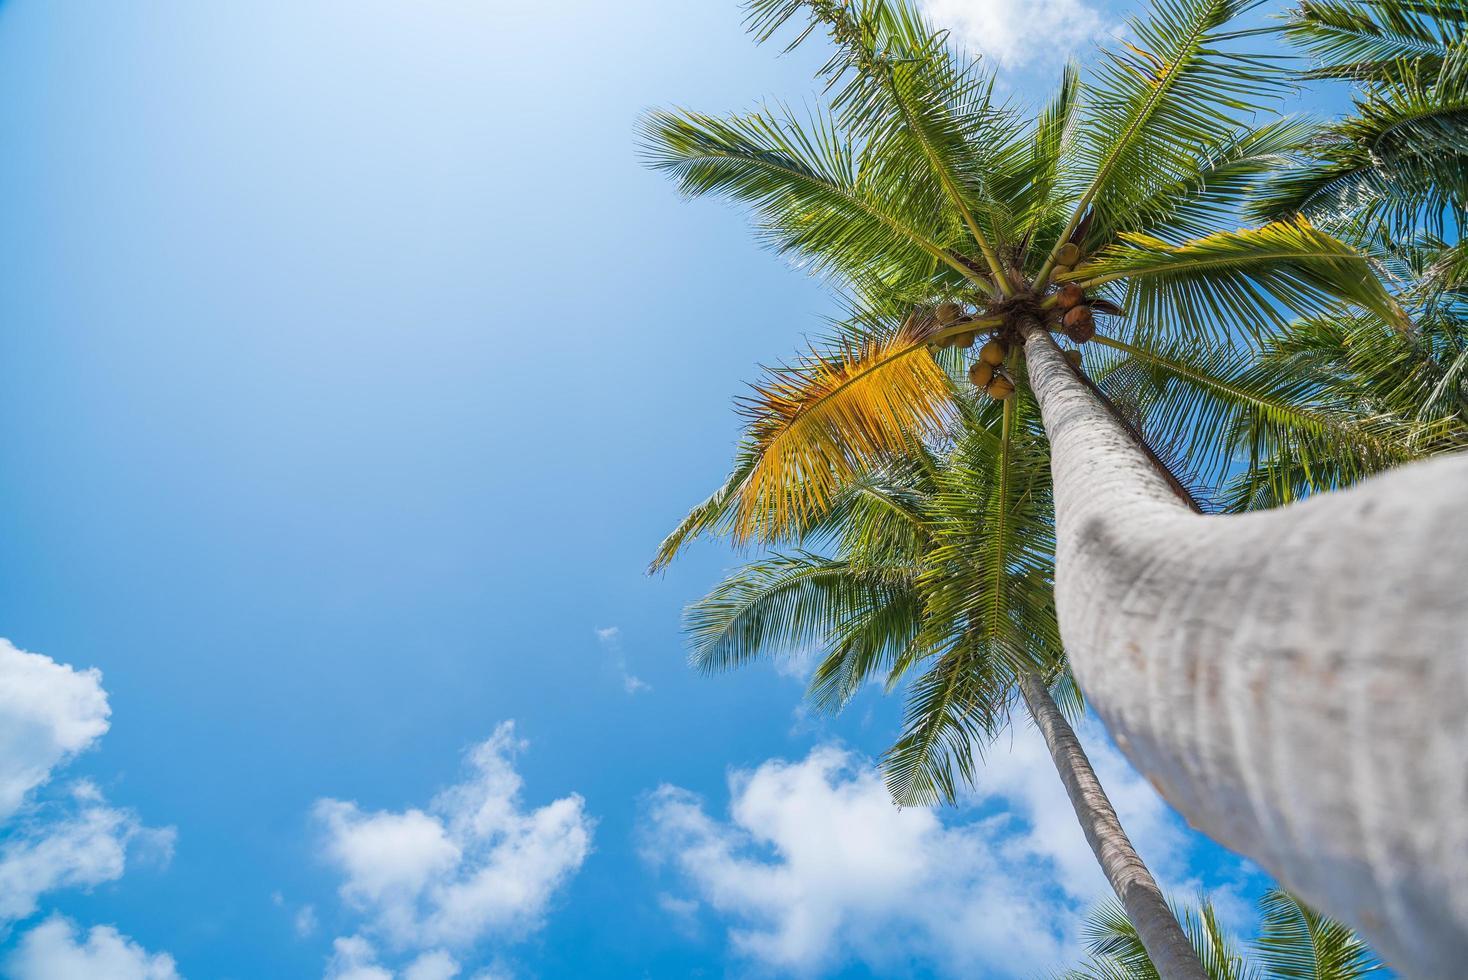 palmiers et ciel bleu photo